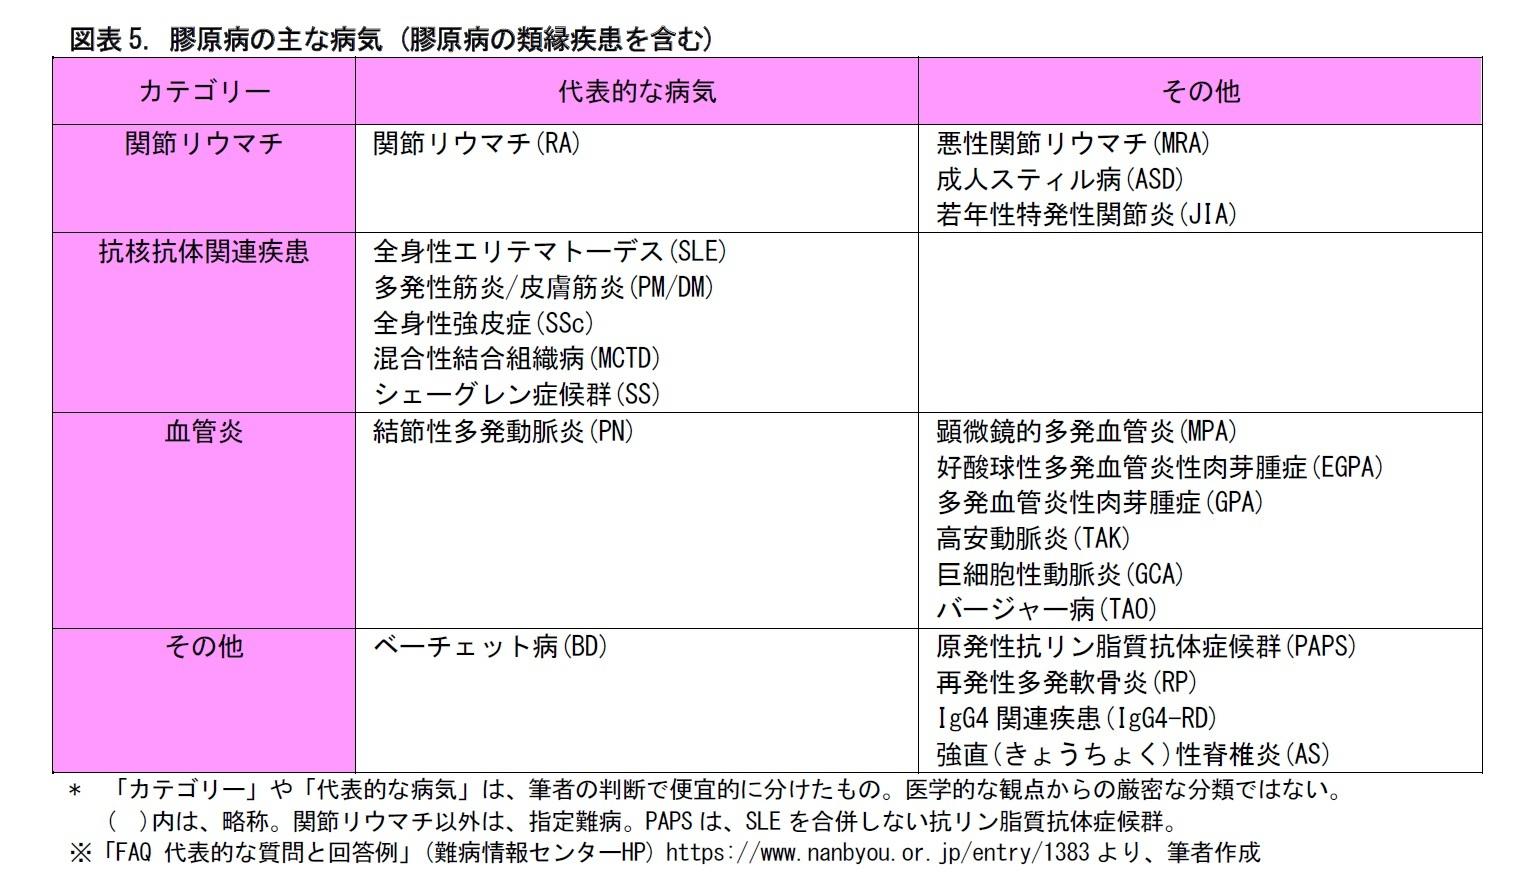 図表5. 膠原病の主な病気 (膠原病の類縁疾患を含む)